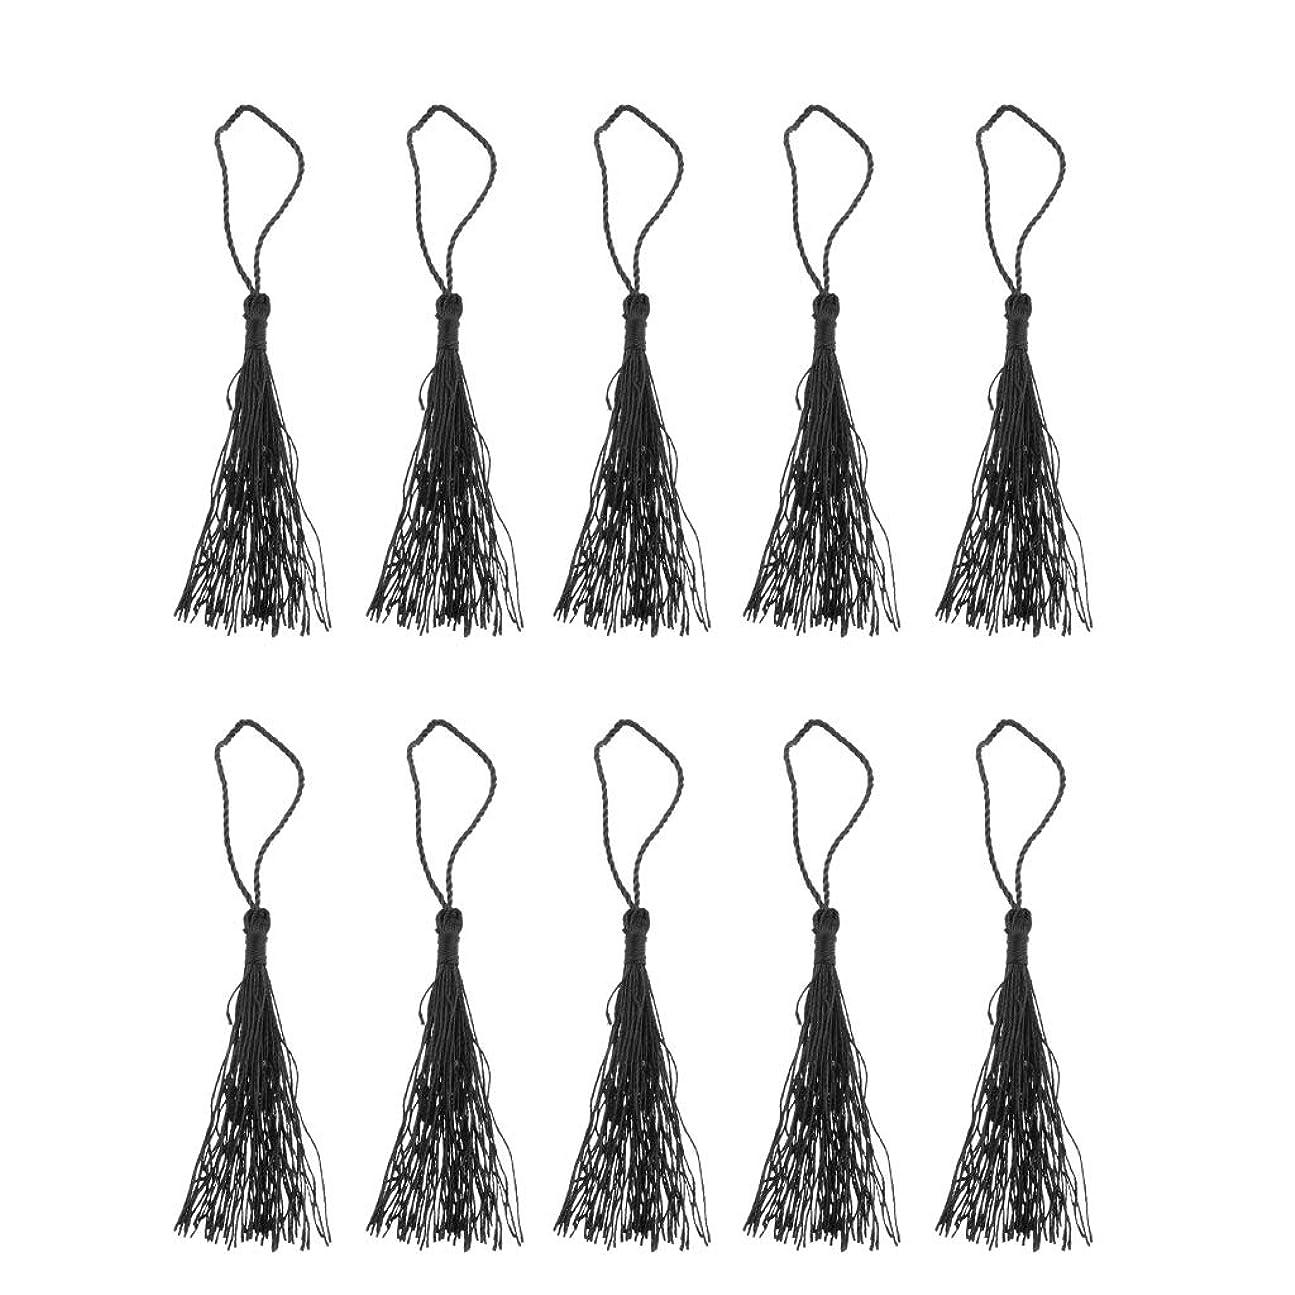 食い違い夜明けにチーフカーテンタッセル 装飾タッセル バッグ ジュエリー 扇子 掛け飾り 約13 cm 全6色 - ブラック